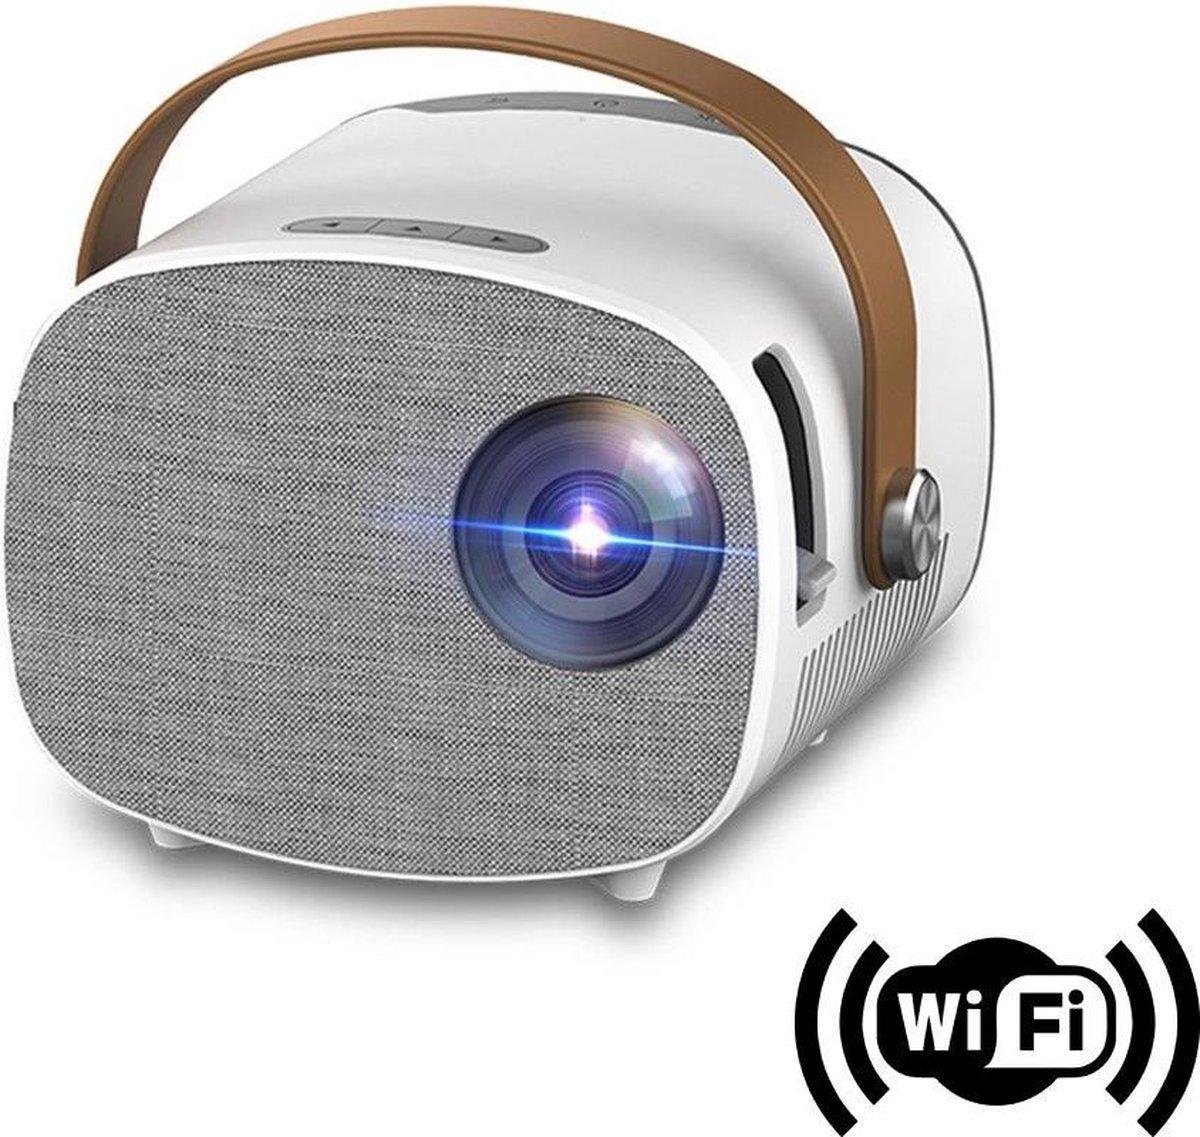 Mini Beamer - Smartphone Functie - Beamer Projector -  Wifi Functie - Beamer scherm - Films - Games